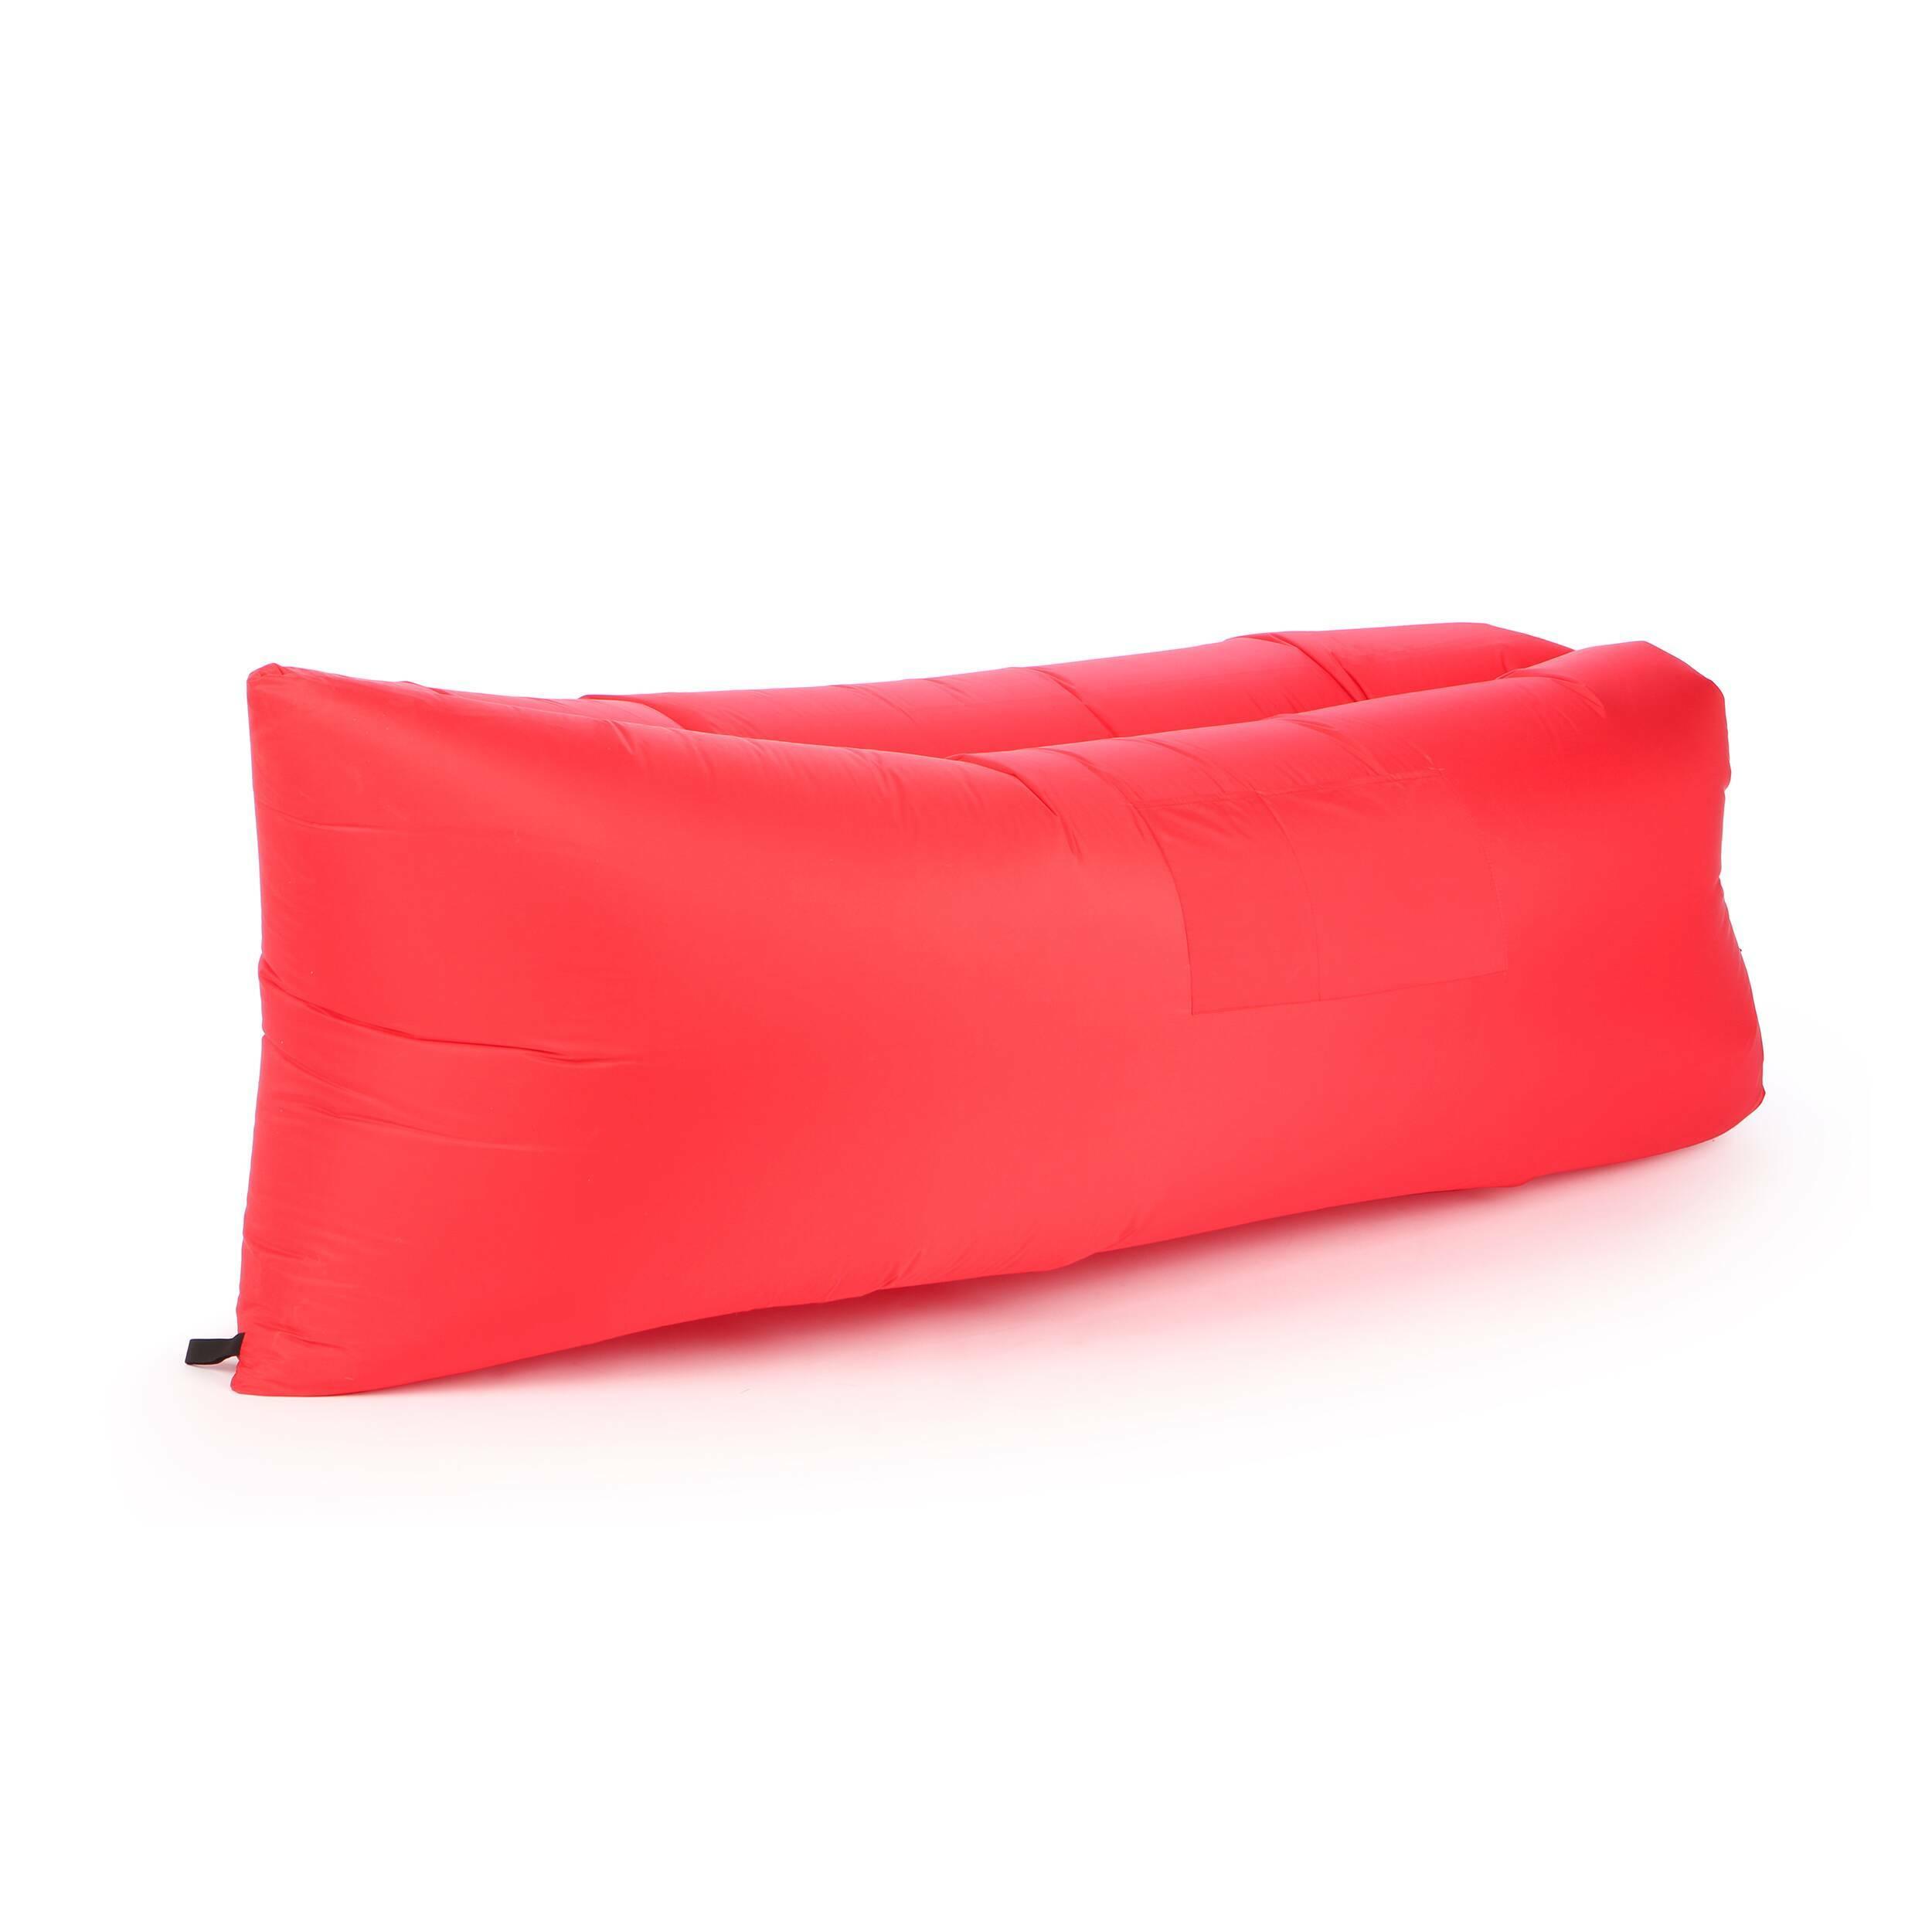 Надувной диван LamzacУличная мебель<br>Надувной диван Lamzac — удобный лежак на раз-два-три. Дома, на даче, в любой туристической поездке и даже в простом походе в ближайший парк надувной диван — незаменимый портативный лежак за три секунды.<br><br> Достать, взмахнуть, закрутить — и все! Располагайтесь на лежаке в одиночестве или как на диване вдвоем. Надувной диван Lamzac выдерживает вес до 200 кг.<br><br>stock: 2<br>Высота: 60-70<br>Глубина: 140<br>Длина: 200<br>Материал обивки: Полиэстер<br>Тип материала обивки: Ткань<br>Цвет обивки: Красный